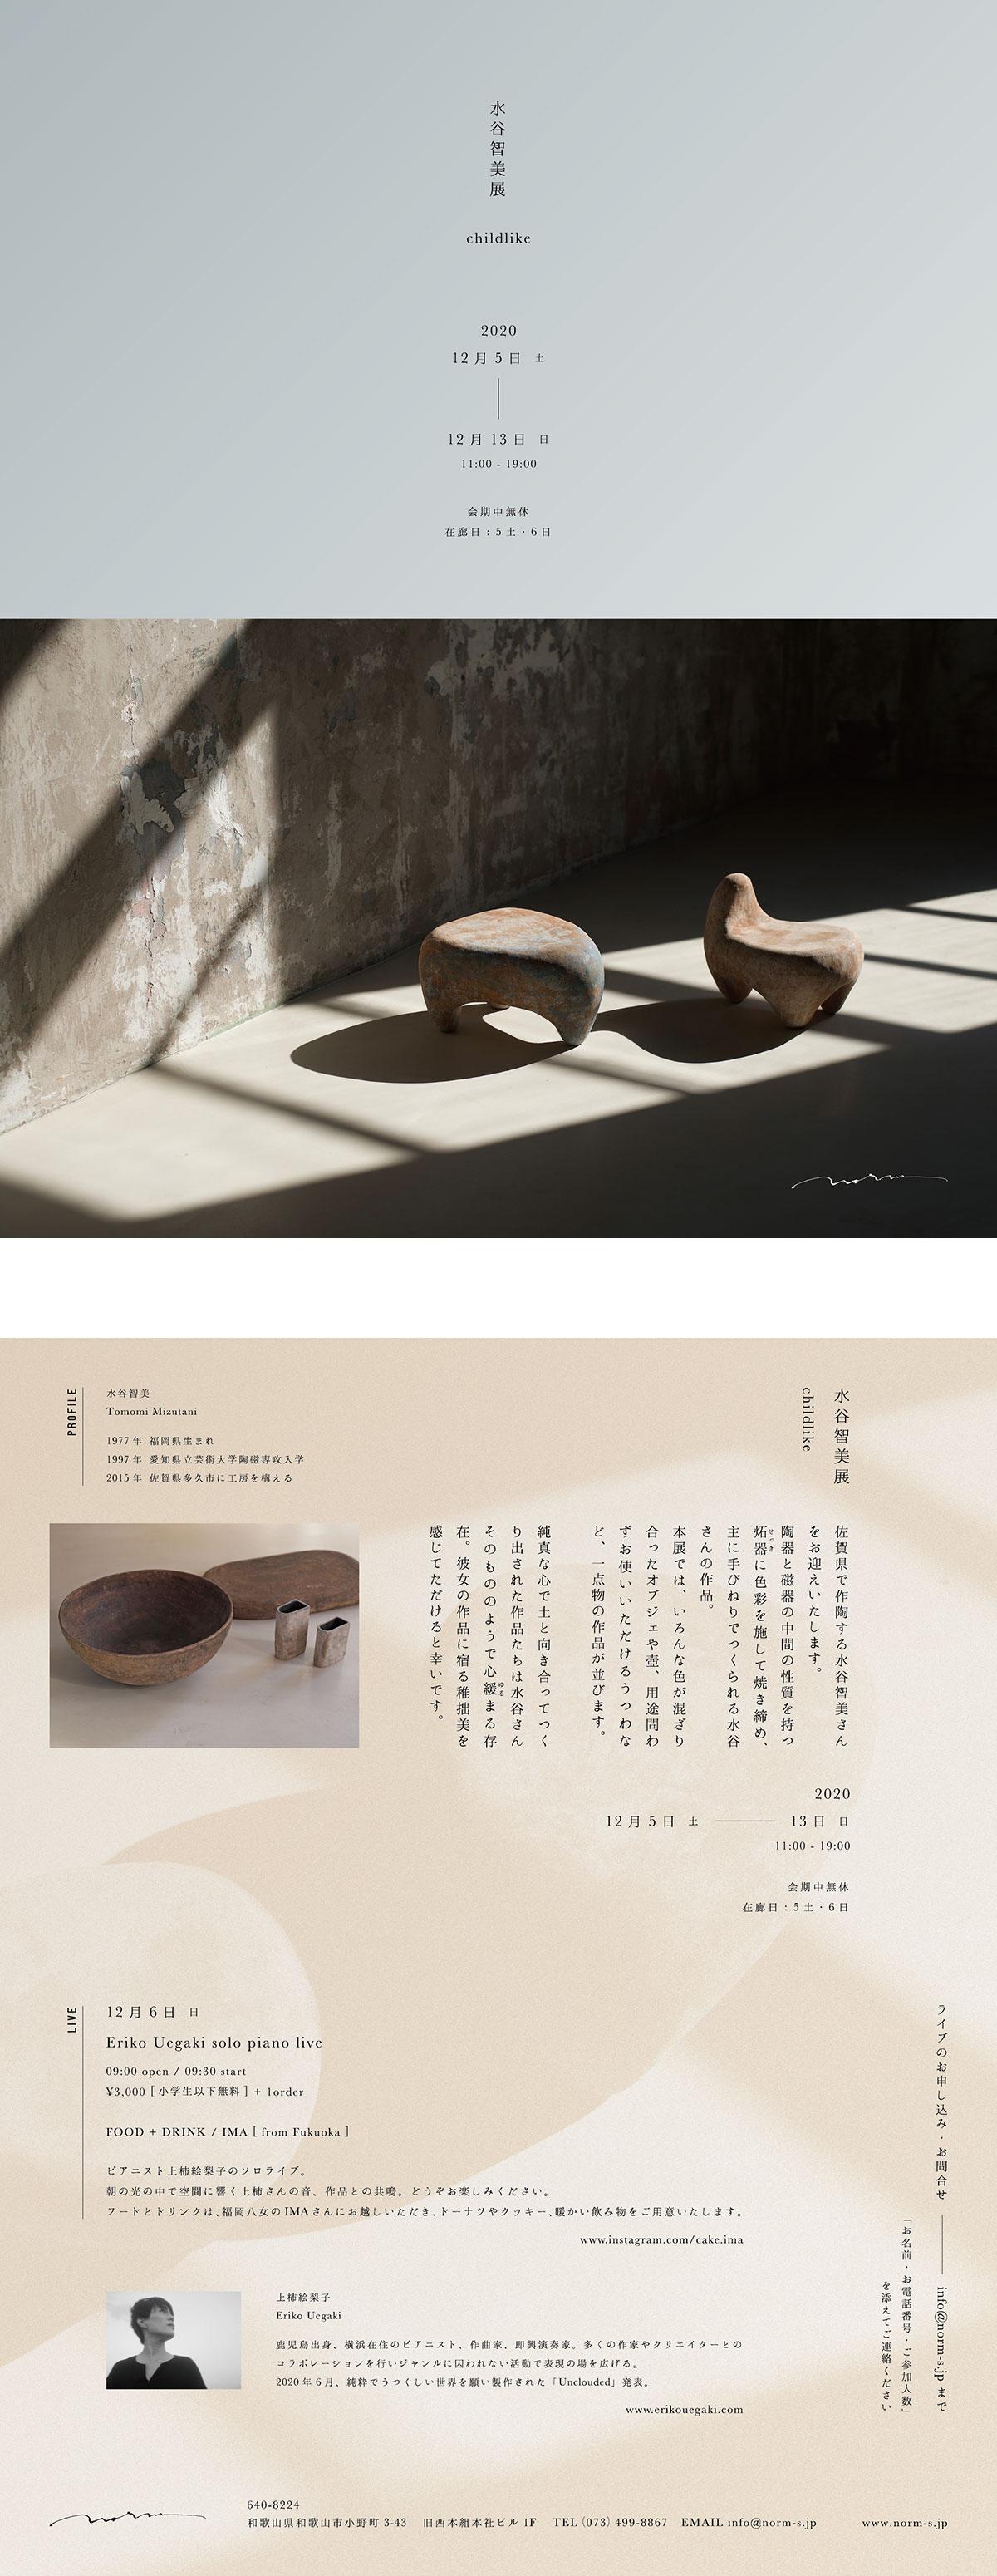 水谷智美展「childlike」